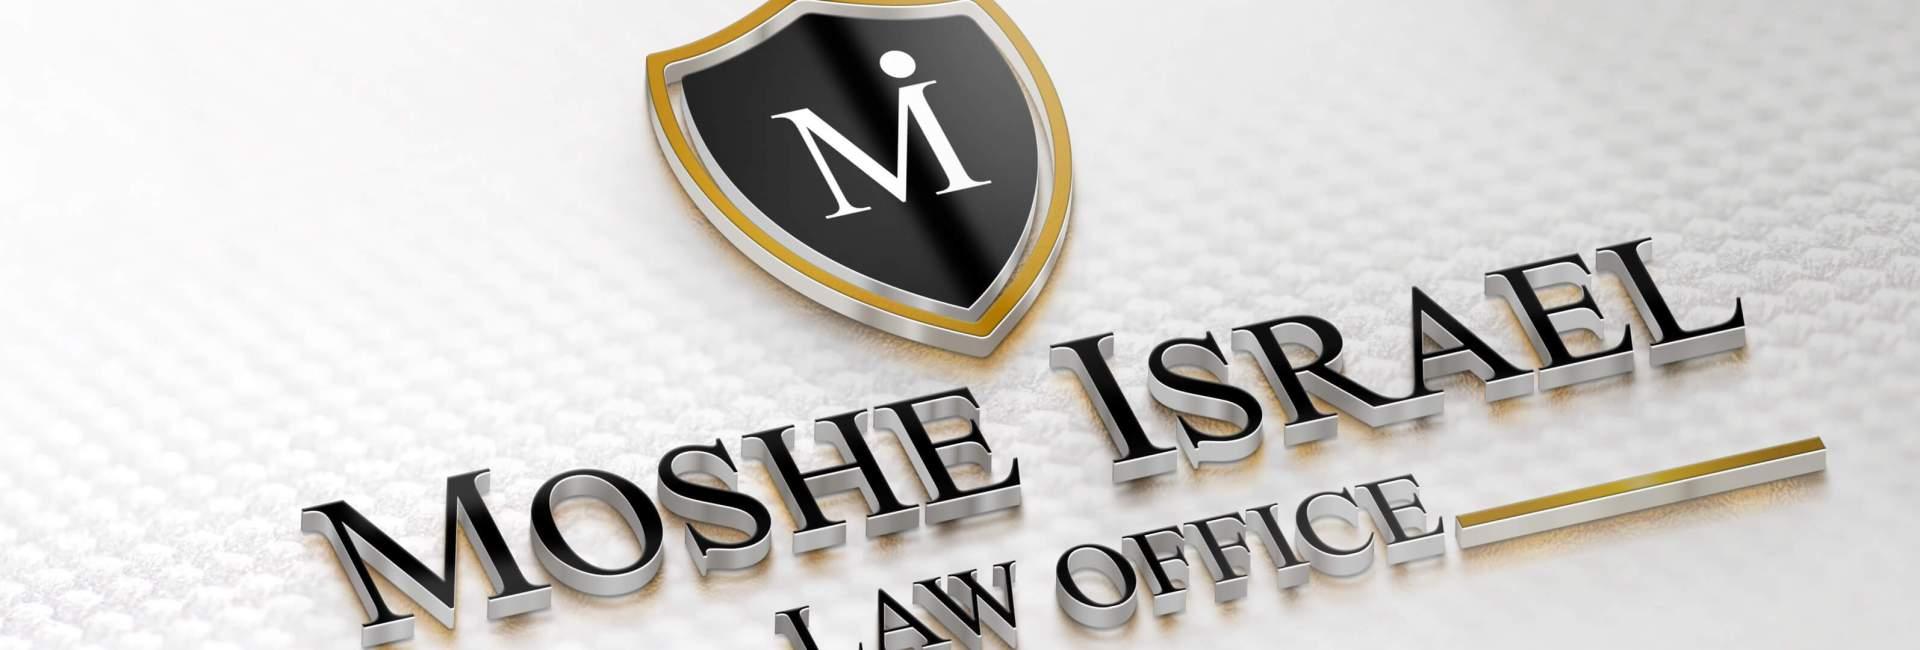 משרד עורכי דין משה ישראל